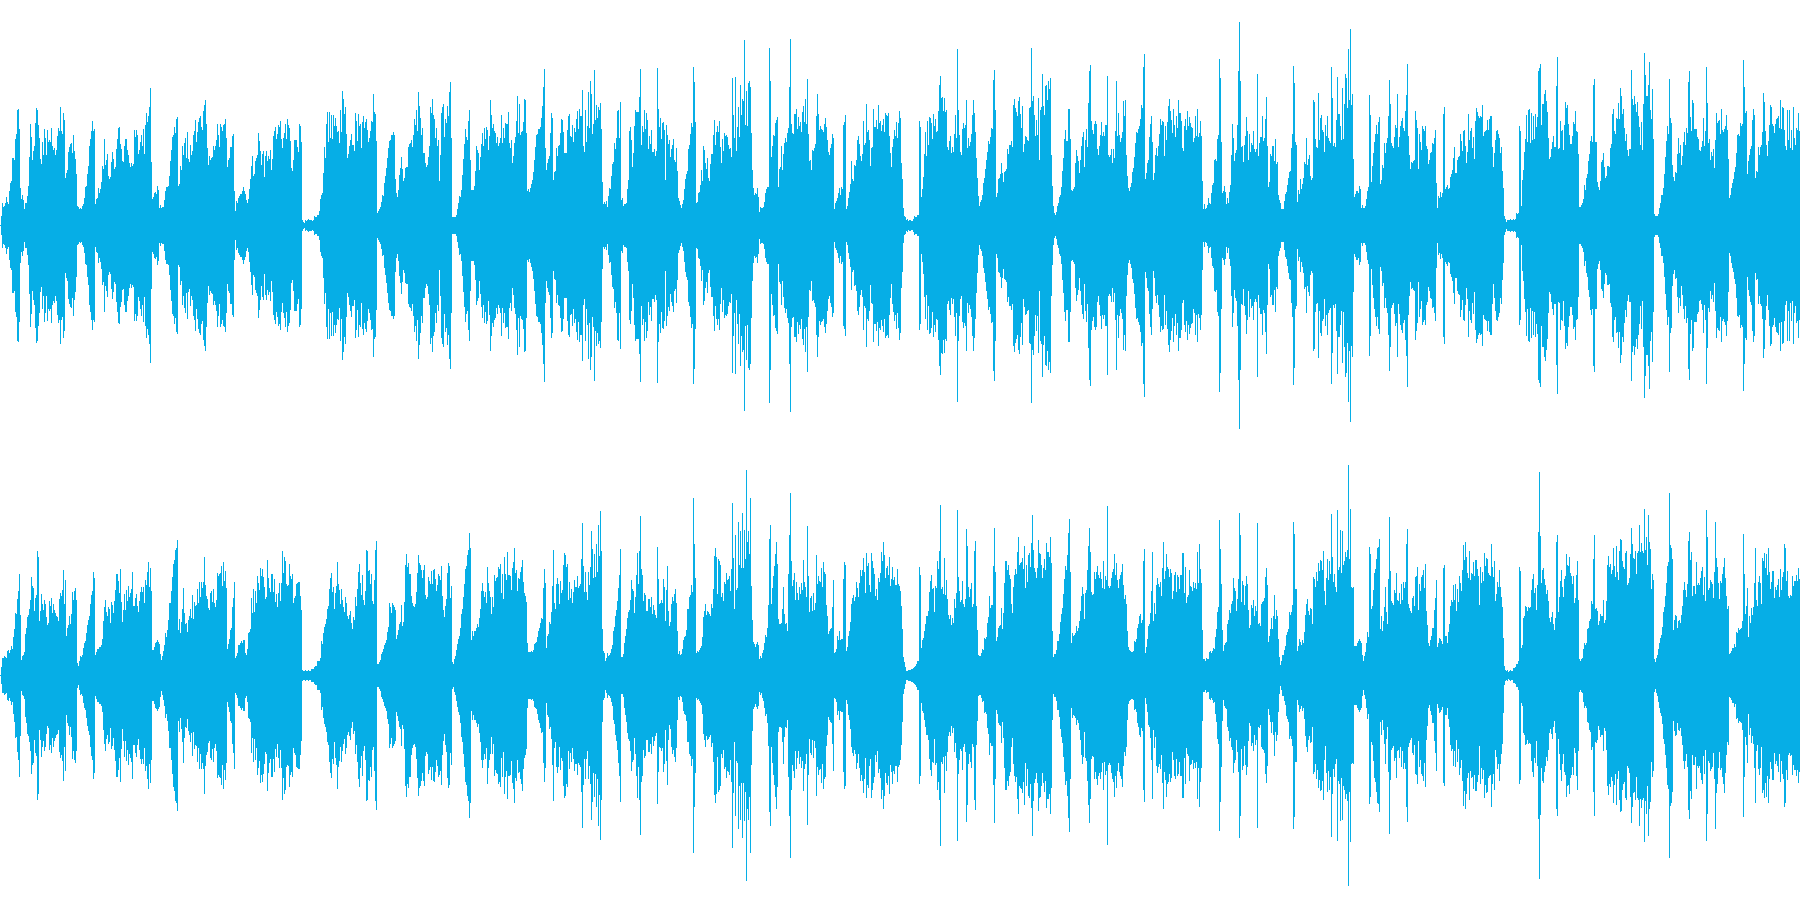 【ファンタジー/エレクトロニカ】の再生済みの波形